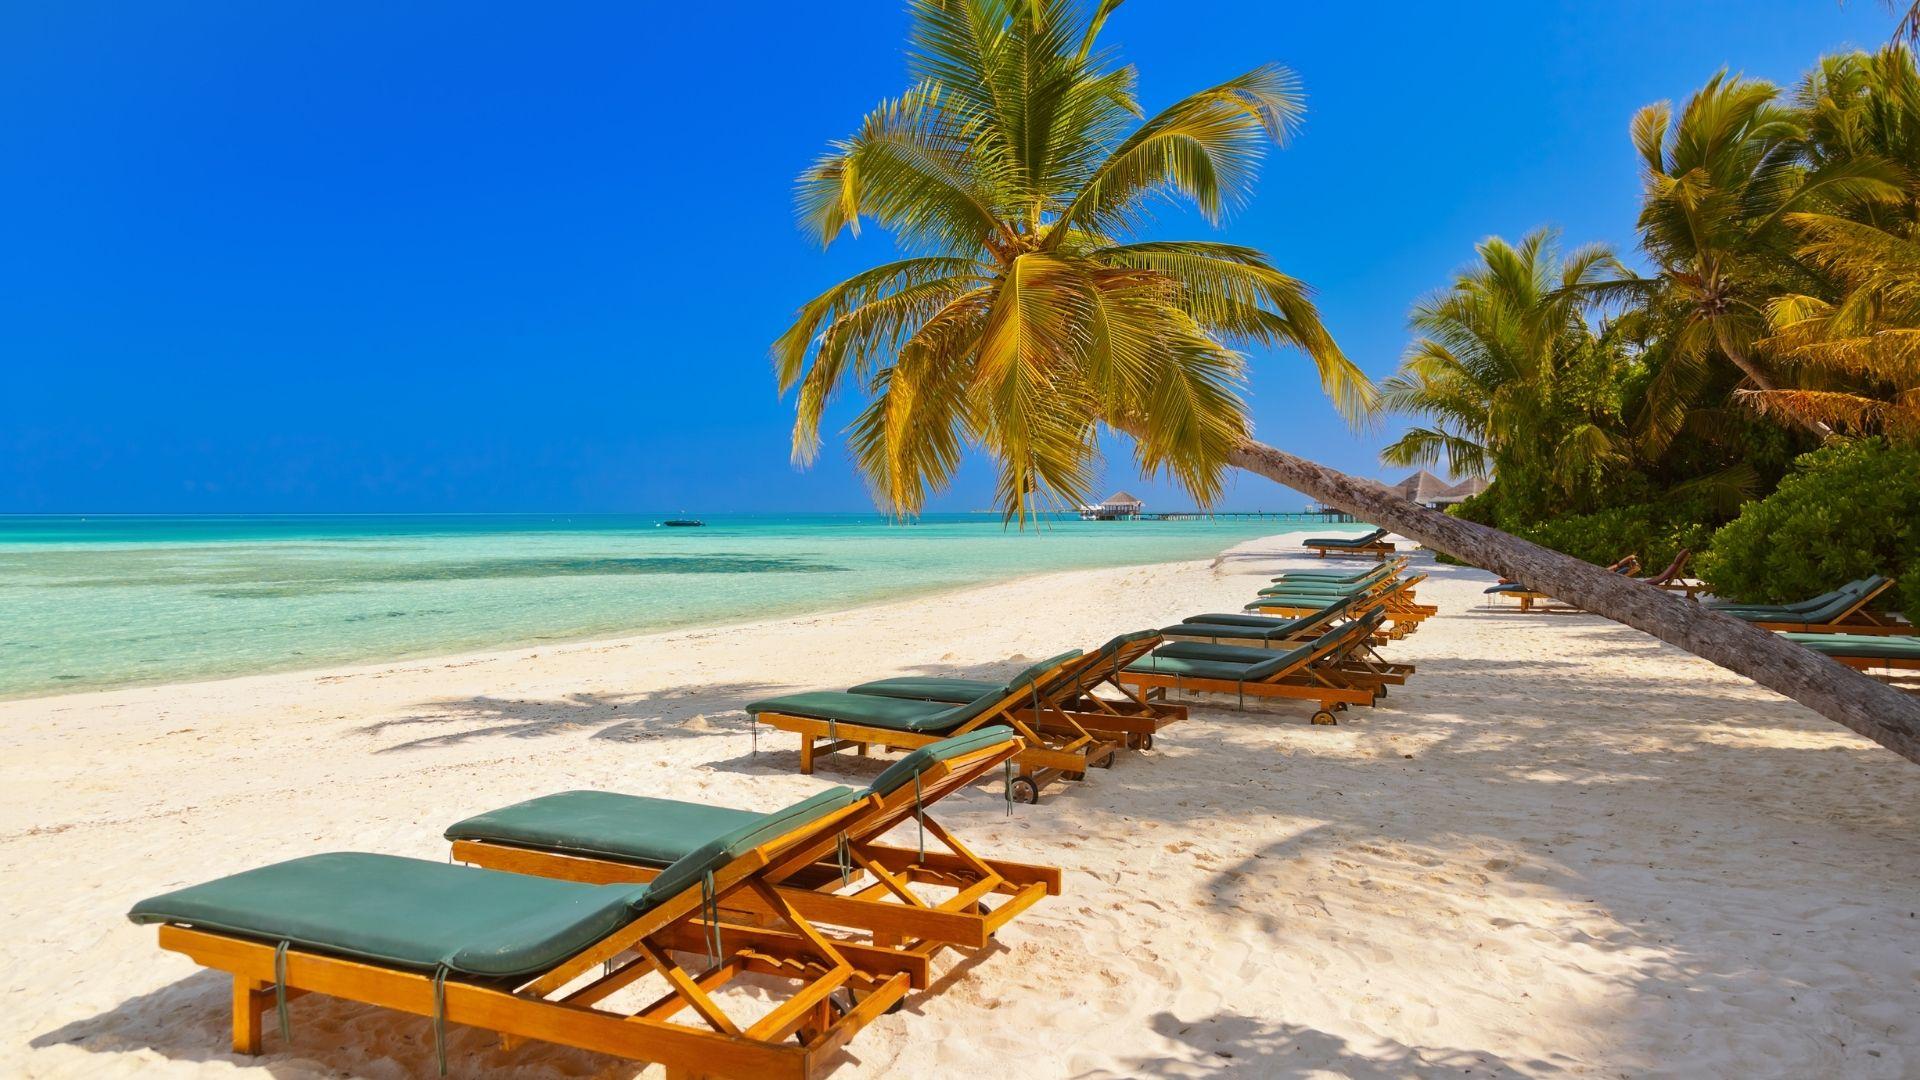 Maldivas es uno de los Países asiáticos con playas paradisíacas increíbles